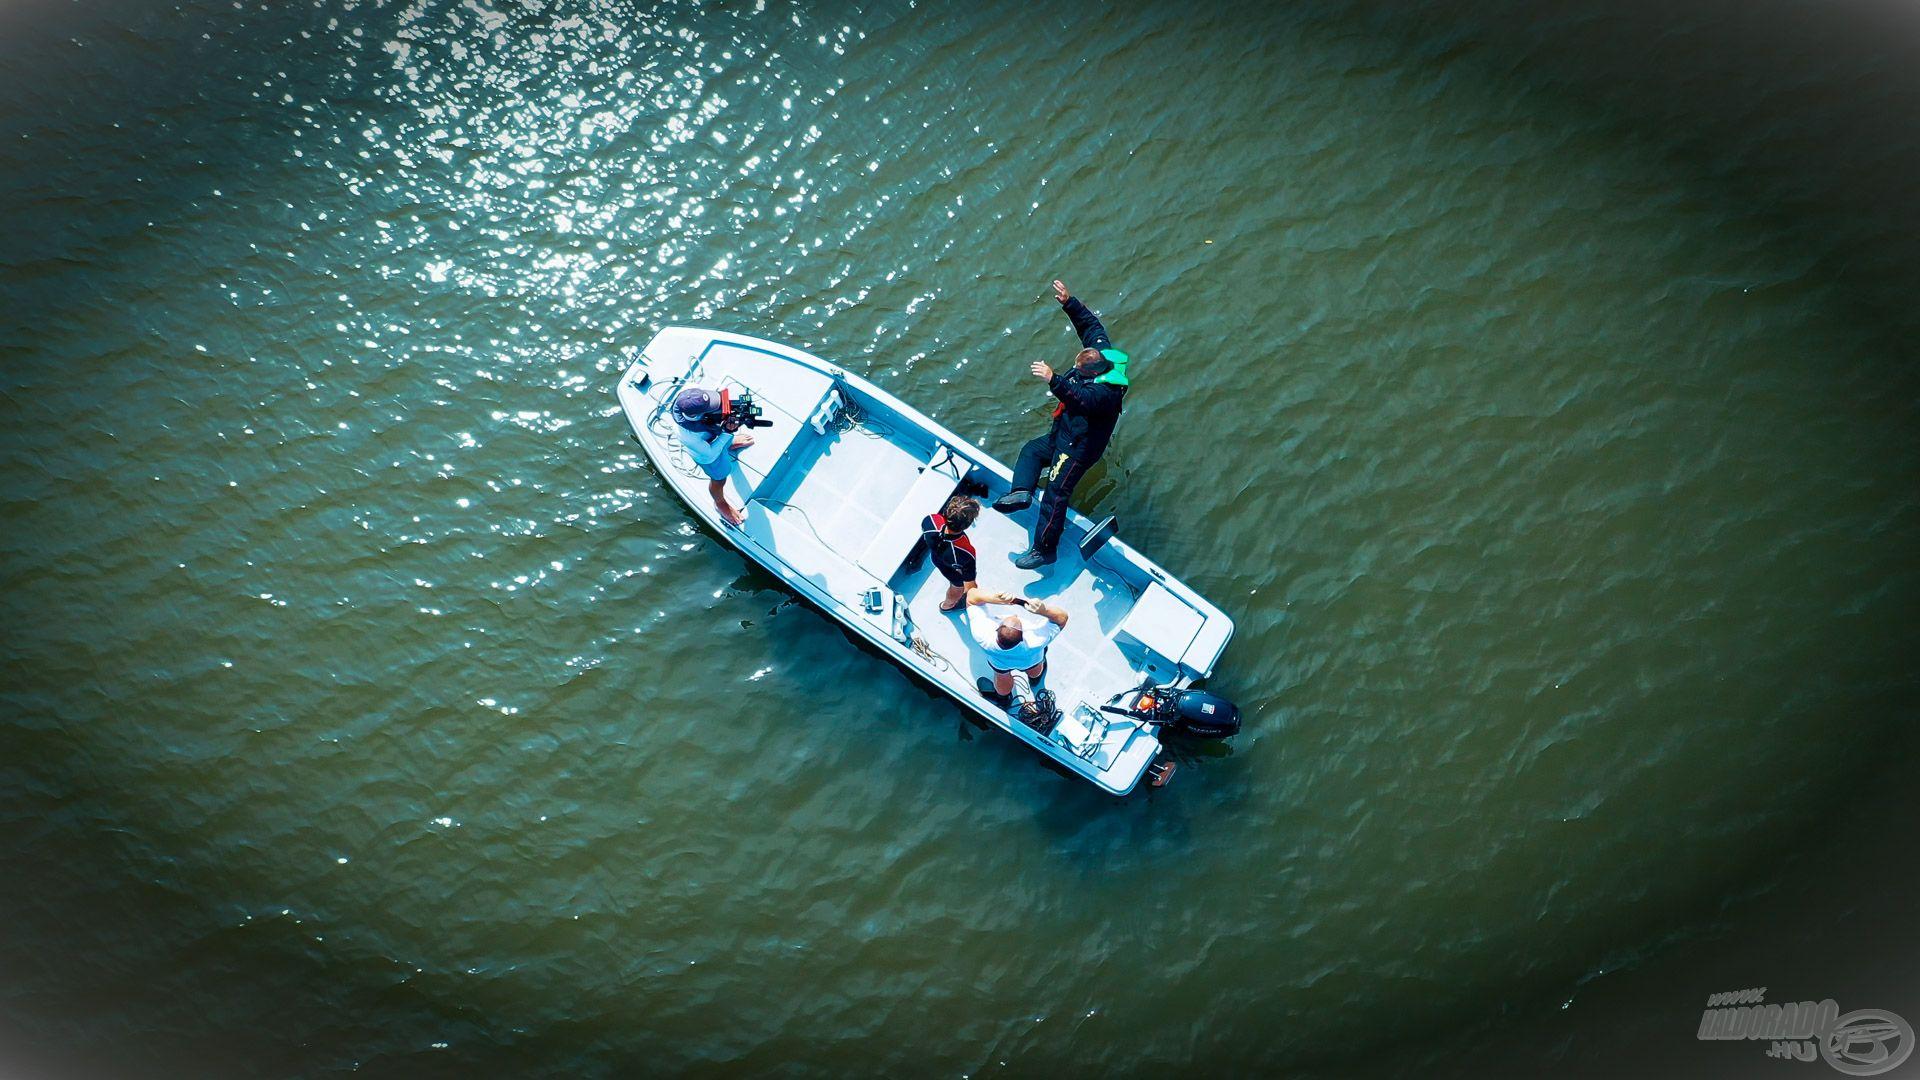 Ezúttal a csónak nem volt lehorgonyozva